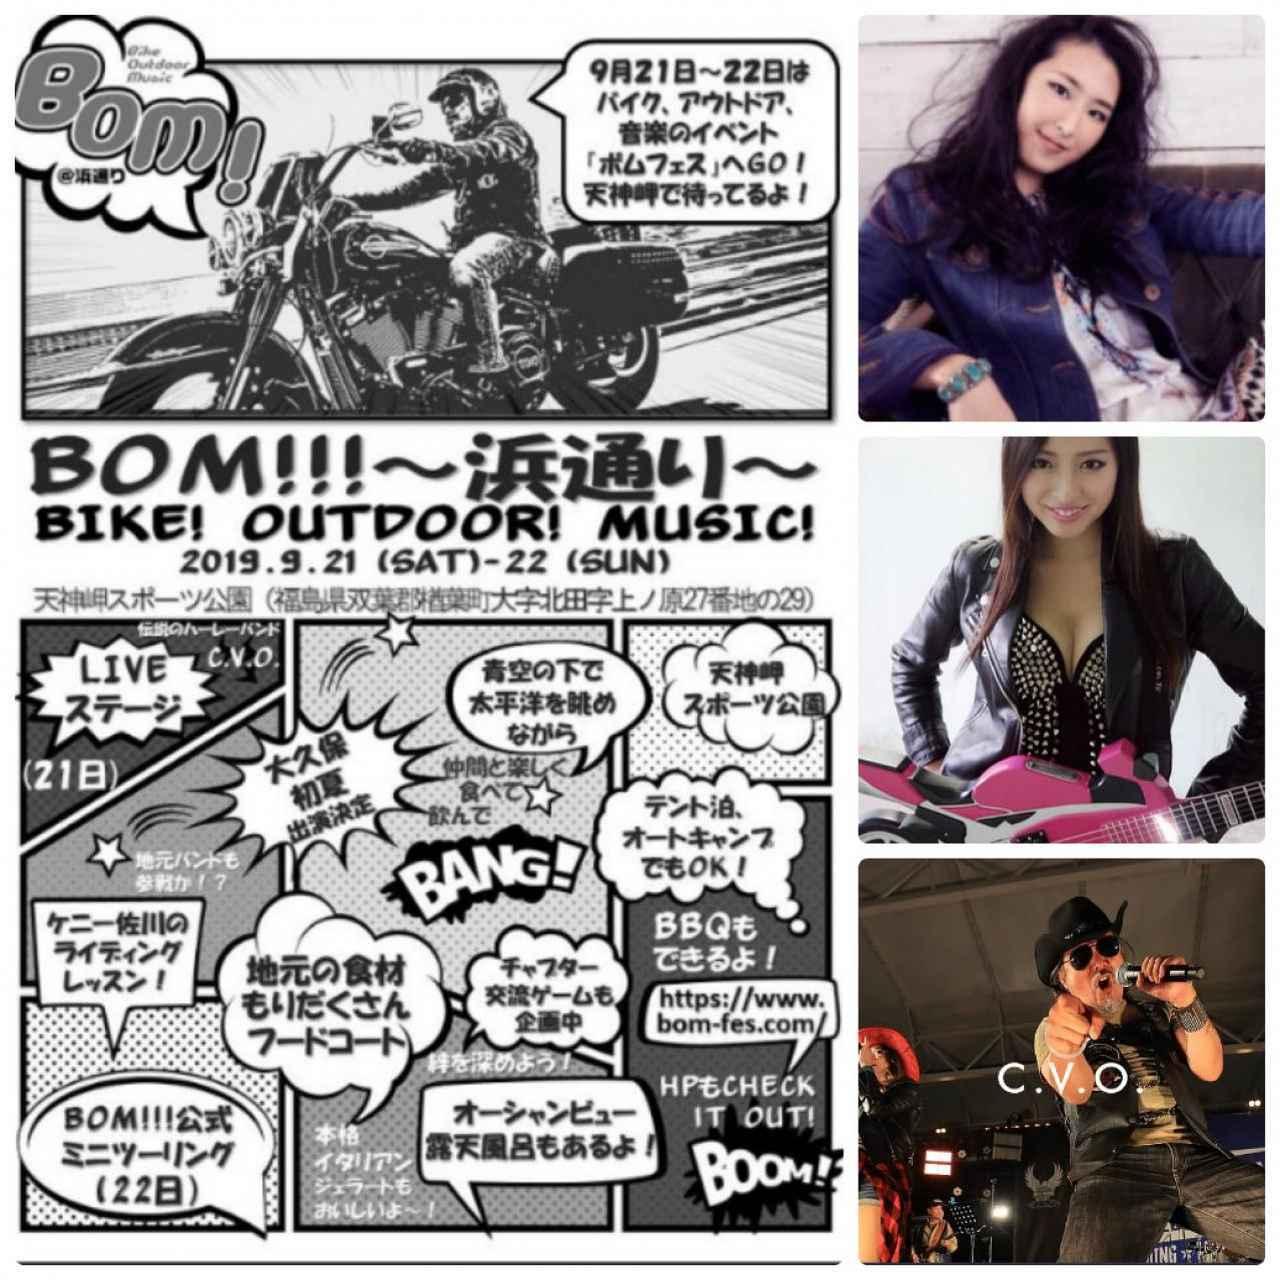 画像1: バイクに所縁のある豪華な出演アーティストはコチラ!